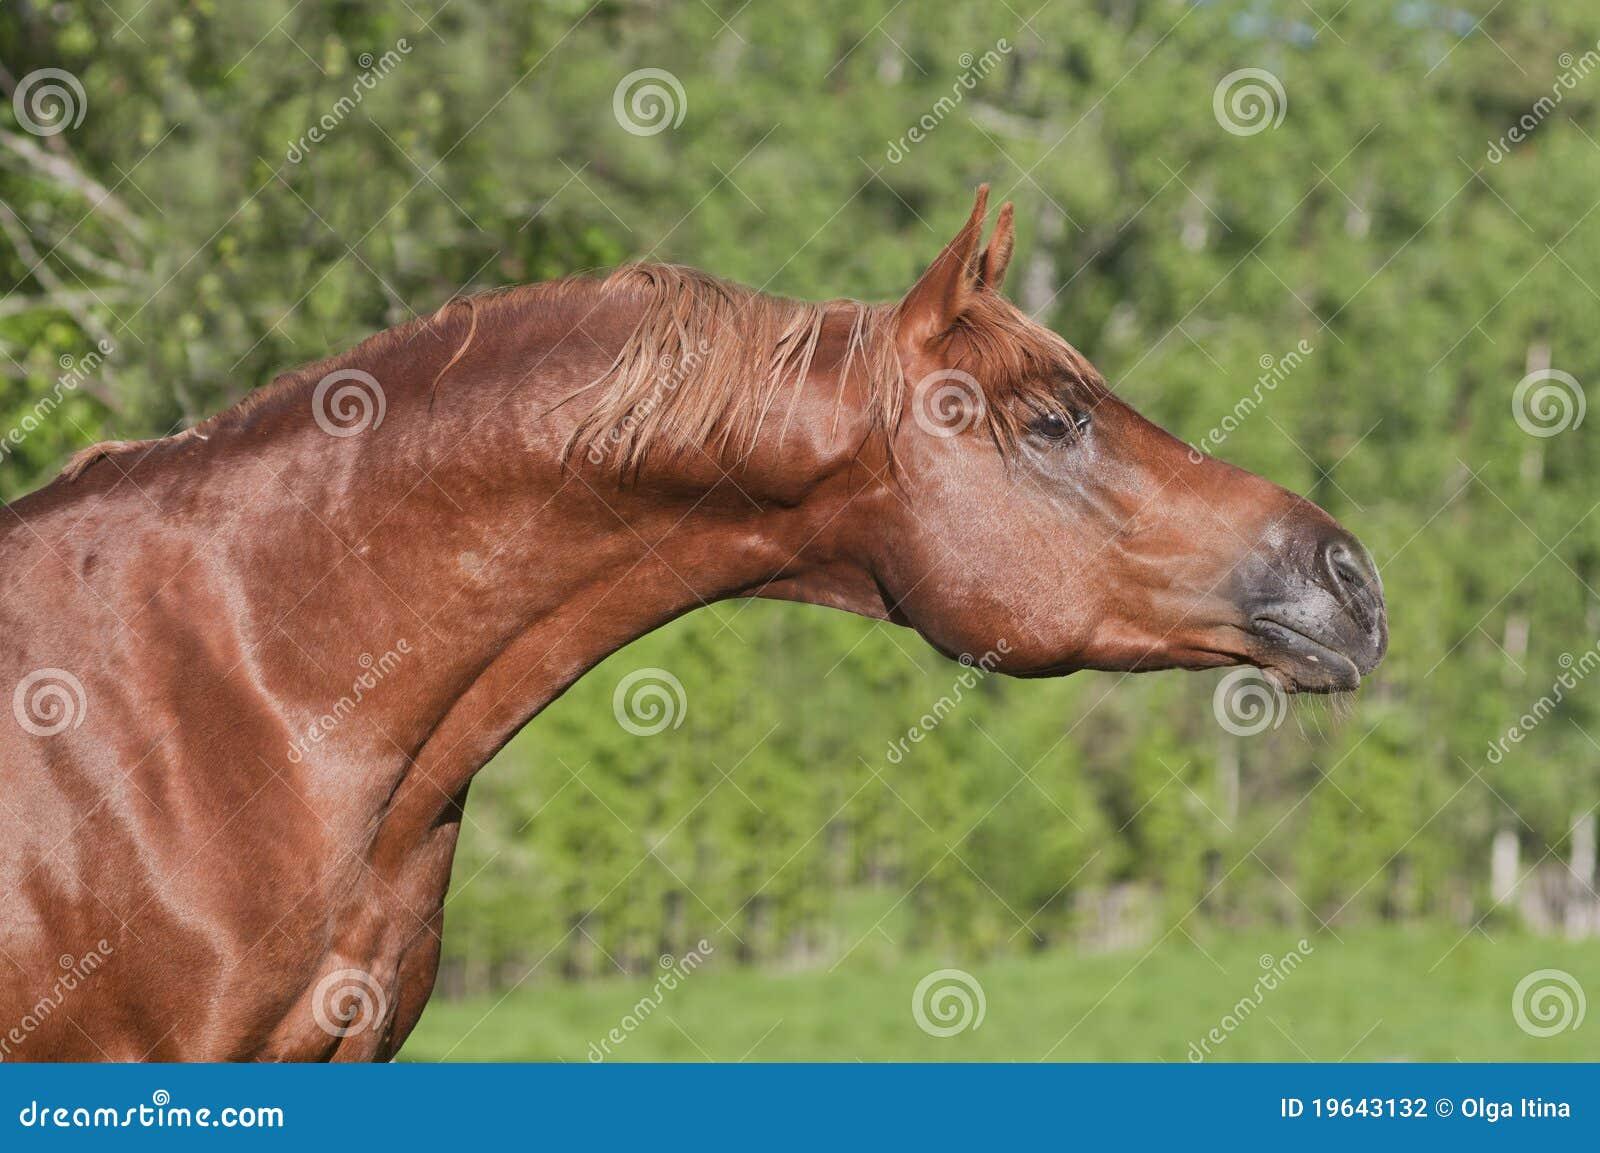 Chestnut Arab Horse Stock Photography - Image: 19643132 - photo#45